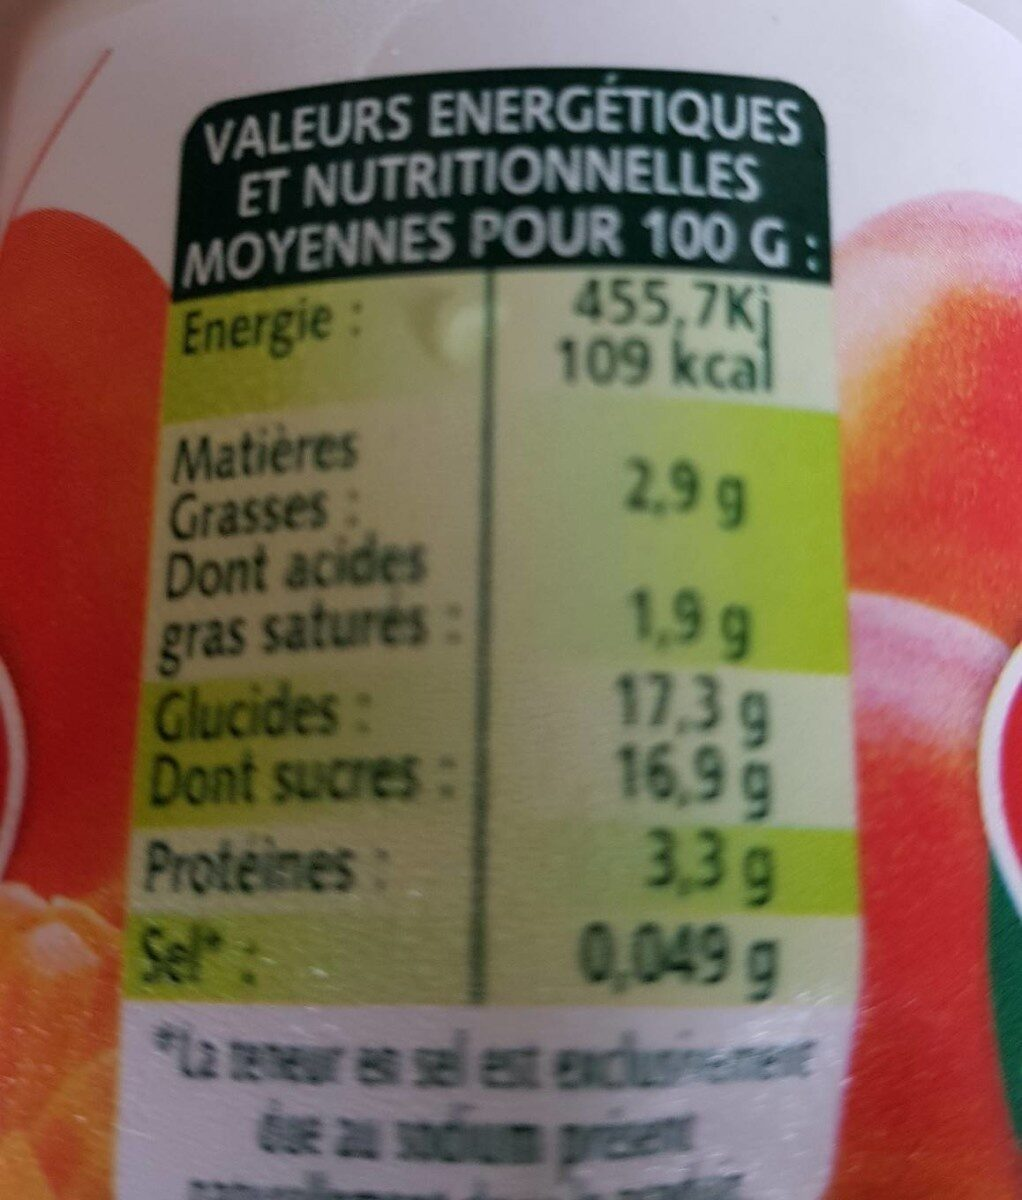 Panier de yoplait - Informations nutritionnelles - fr